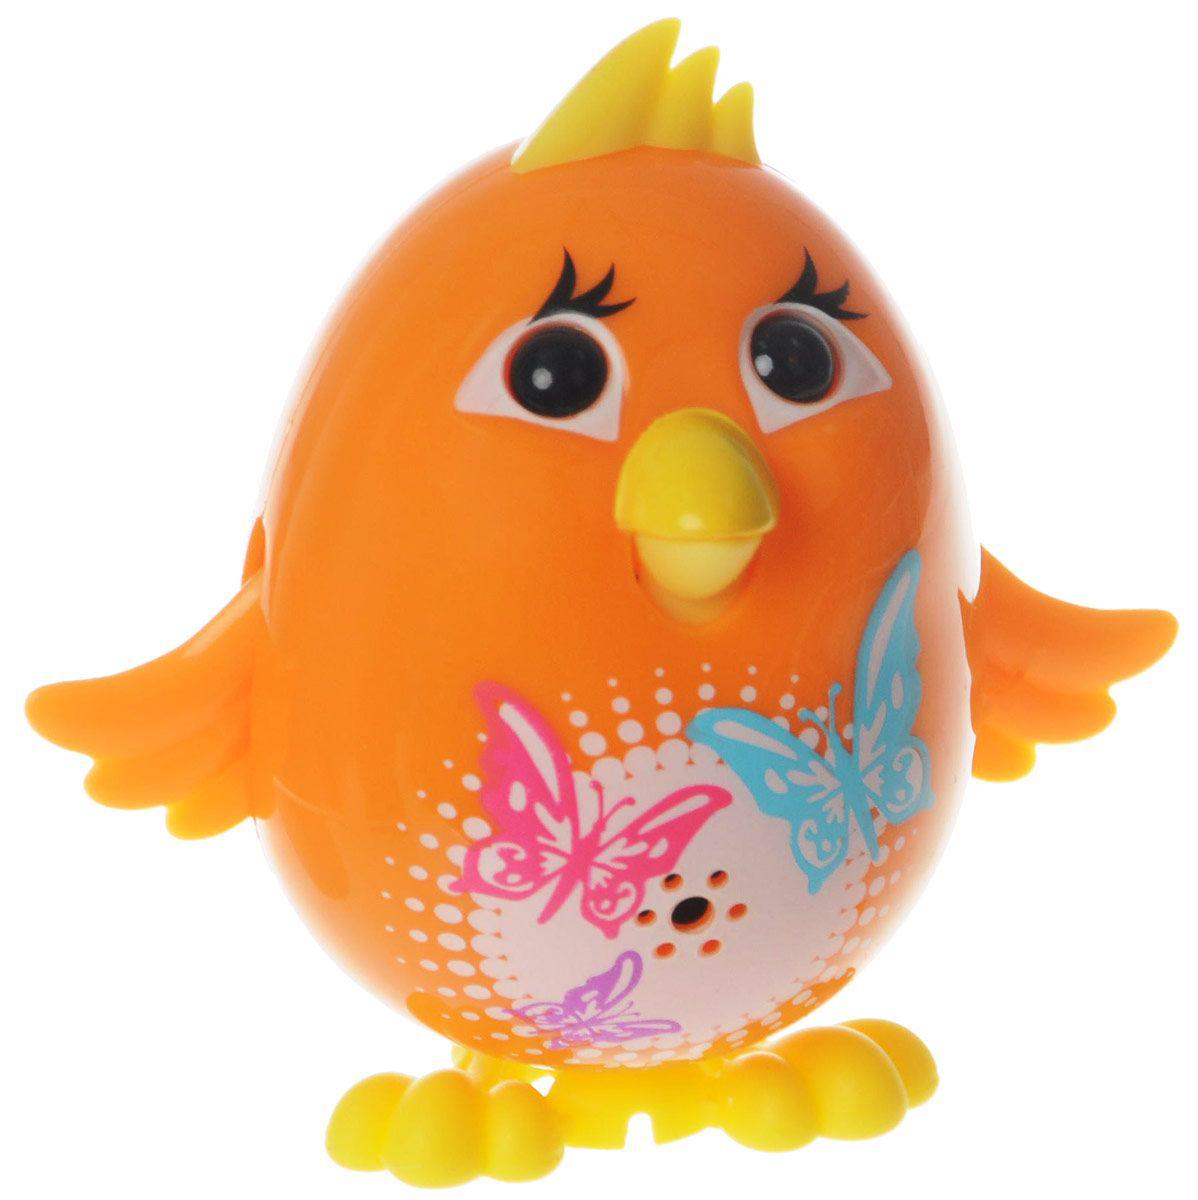 Silverlit Интерактивная игрушка - Цыпленок с кольцом, оранжевый